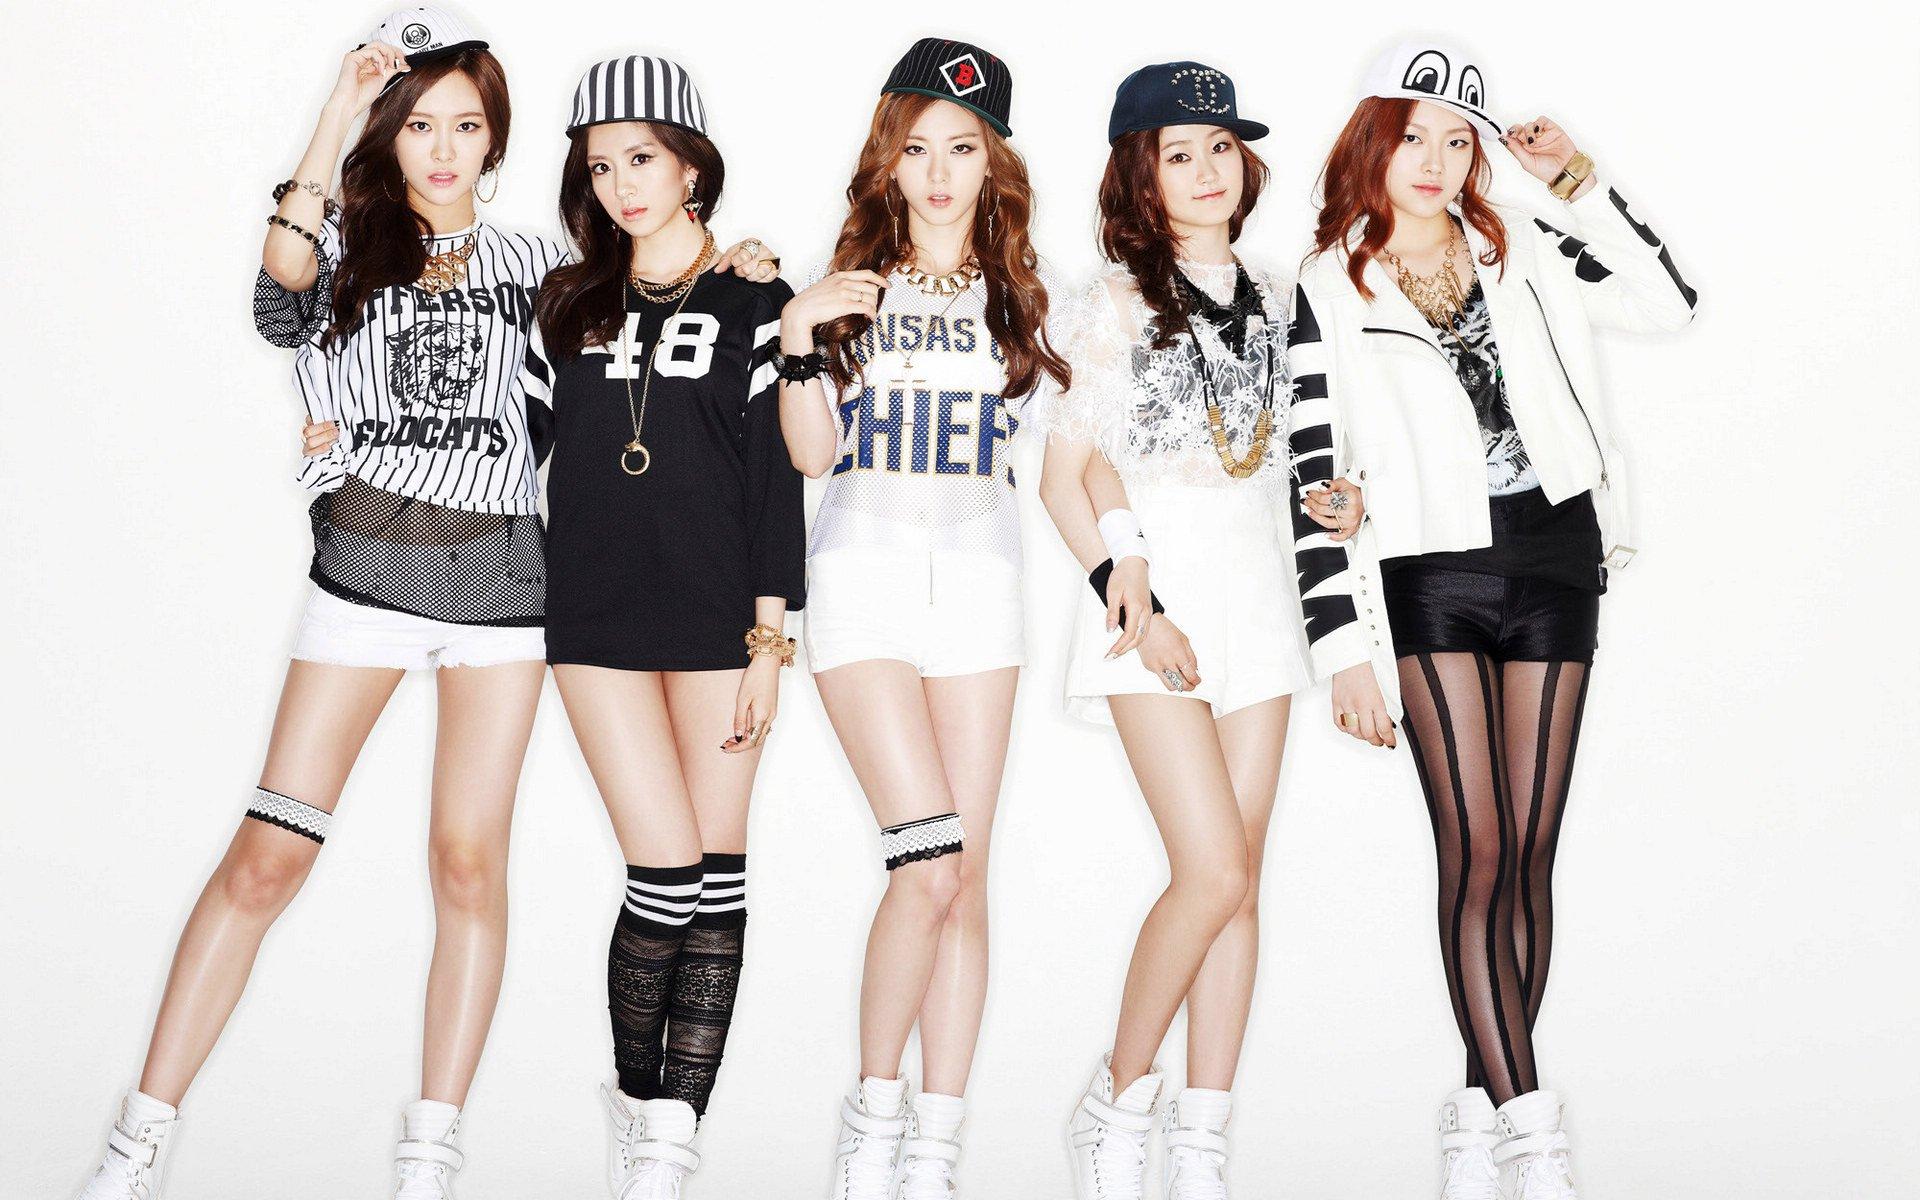 2eyes Dance Pop Kpop K Pop Wallpaper 1920x1200 434733 Wallpaperup